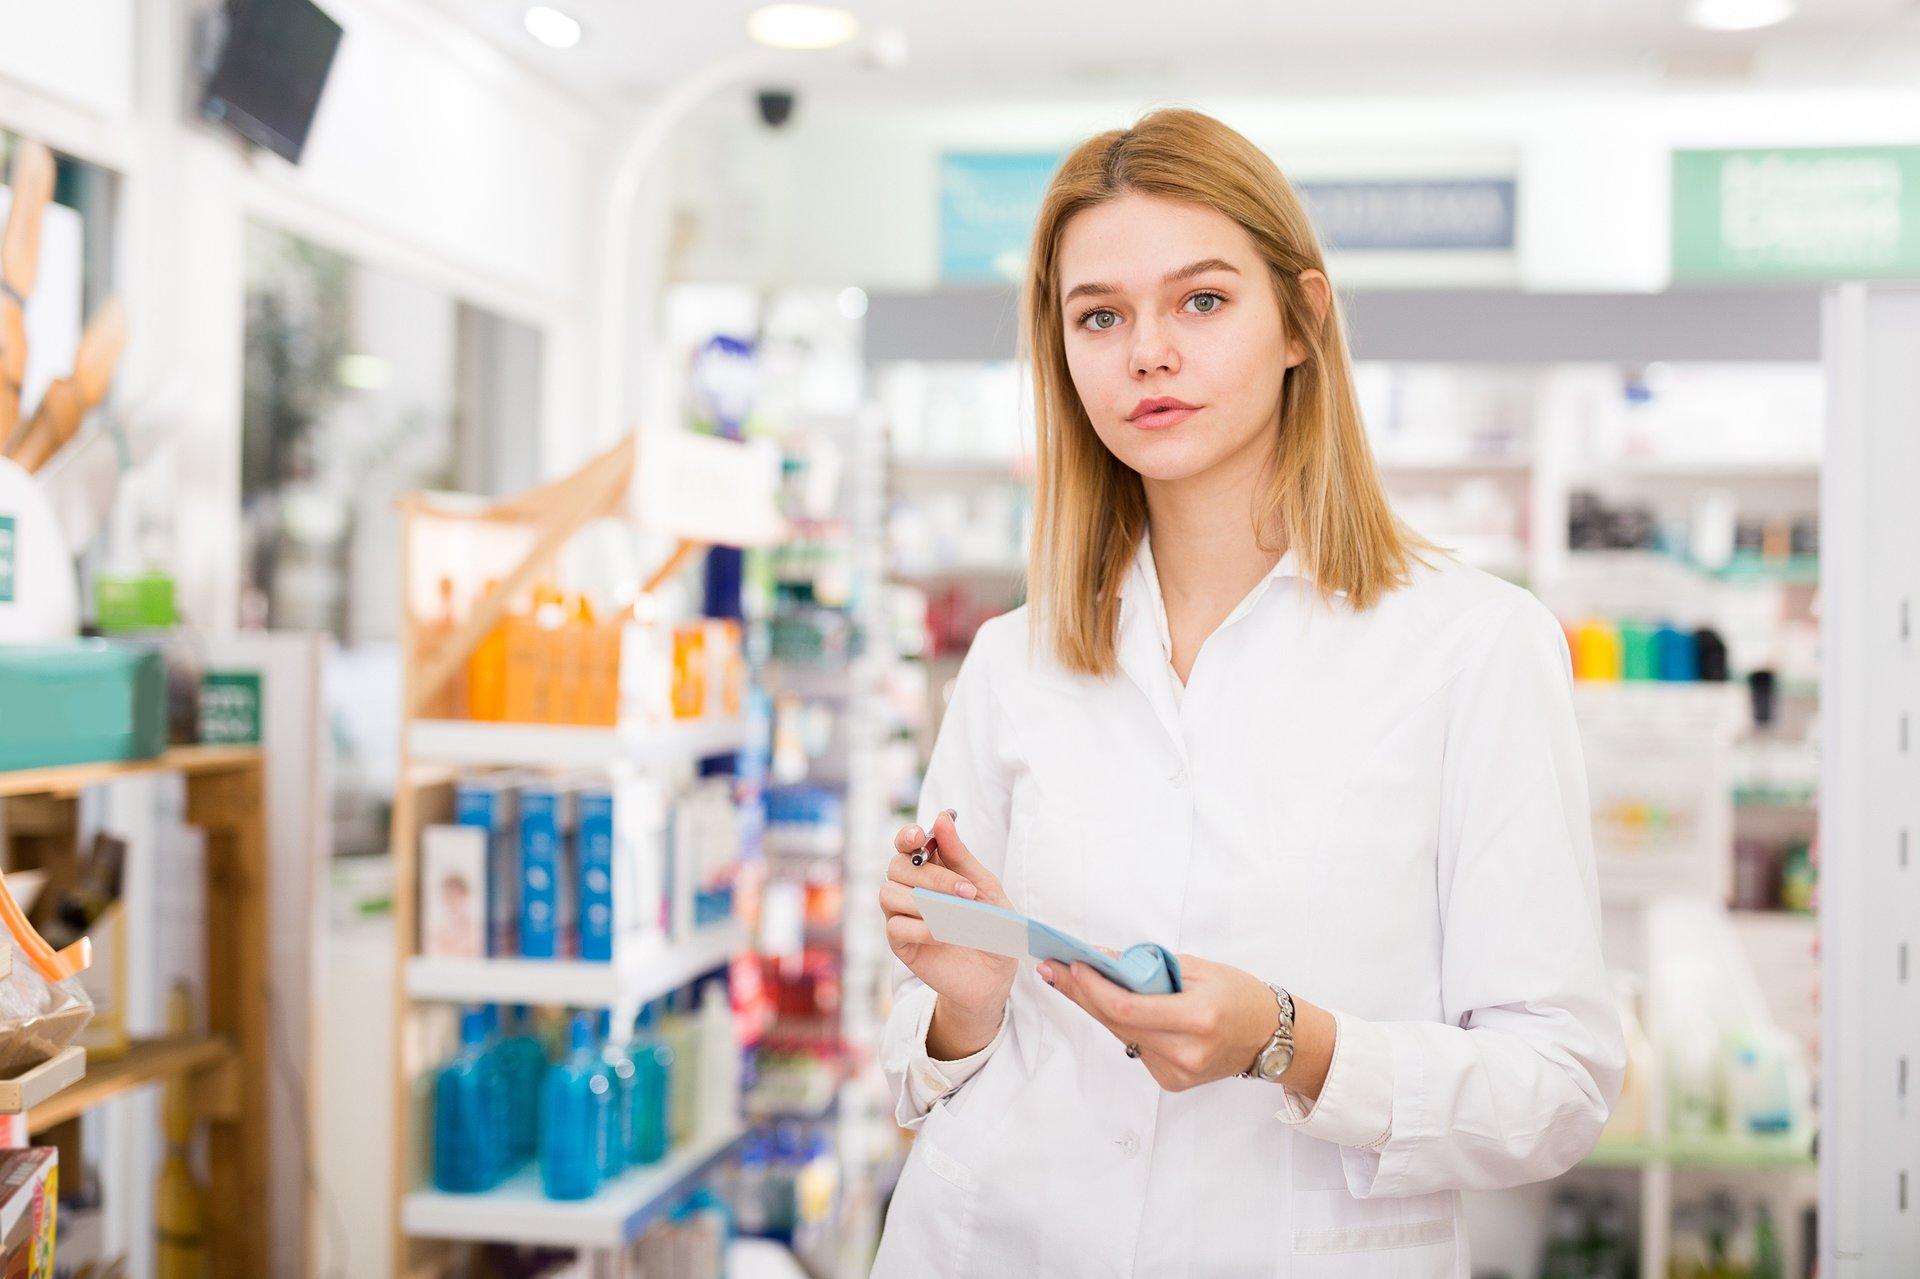 Ustawa o zawodzie farmaceuty - co zmieni w pracy aptekarza? Webinarowy Flesz [WIDEO]